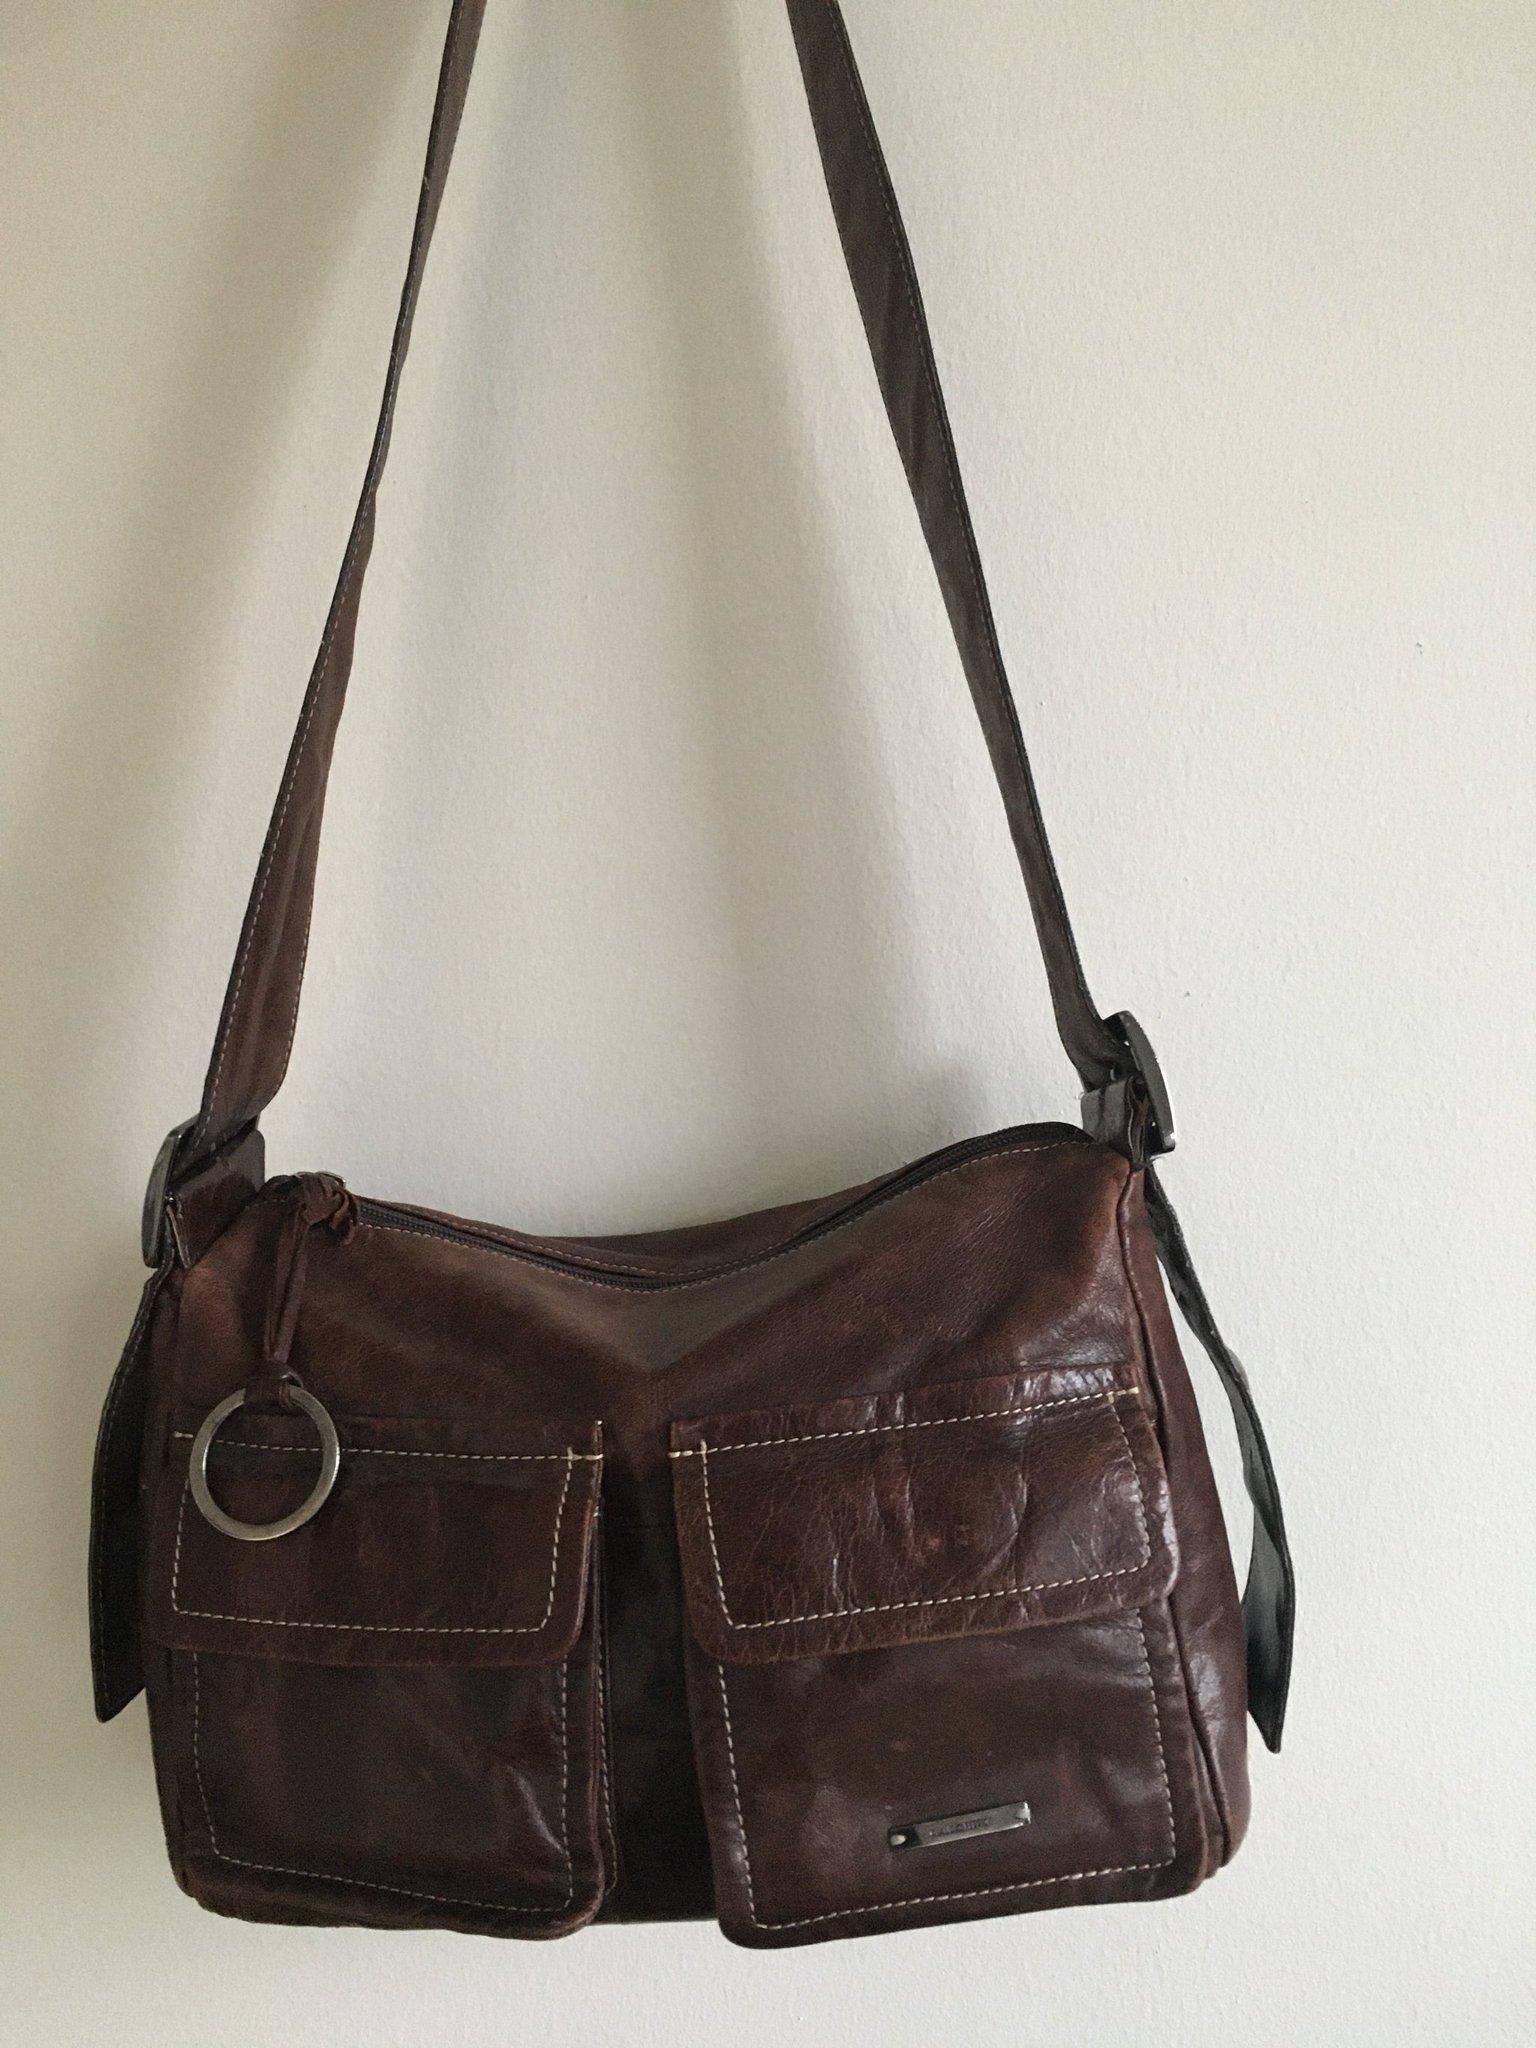 Väska brun axelremsväska design Claudio ferrici praktisk billigt